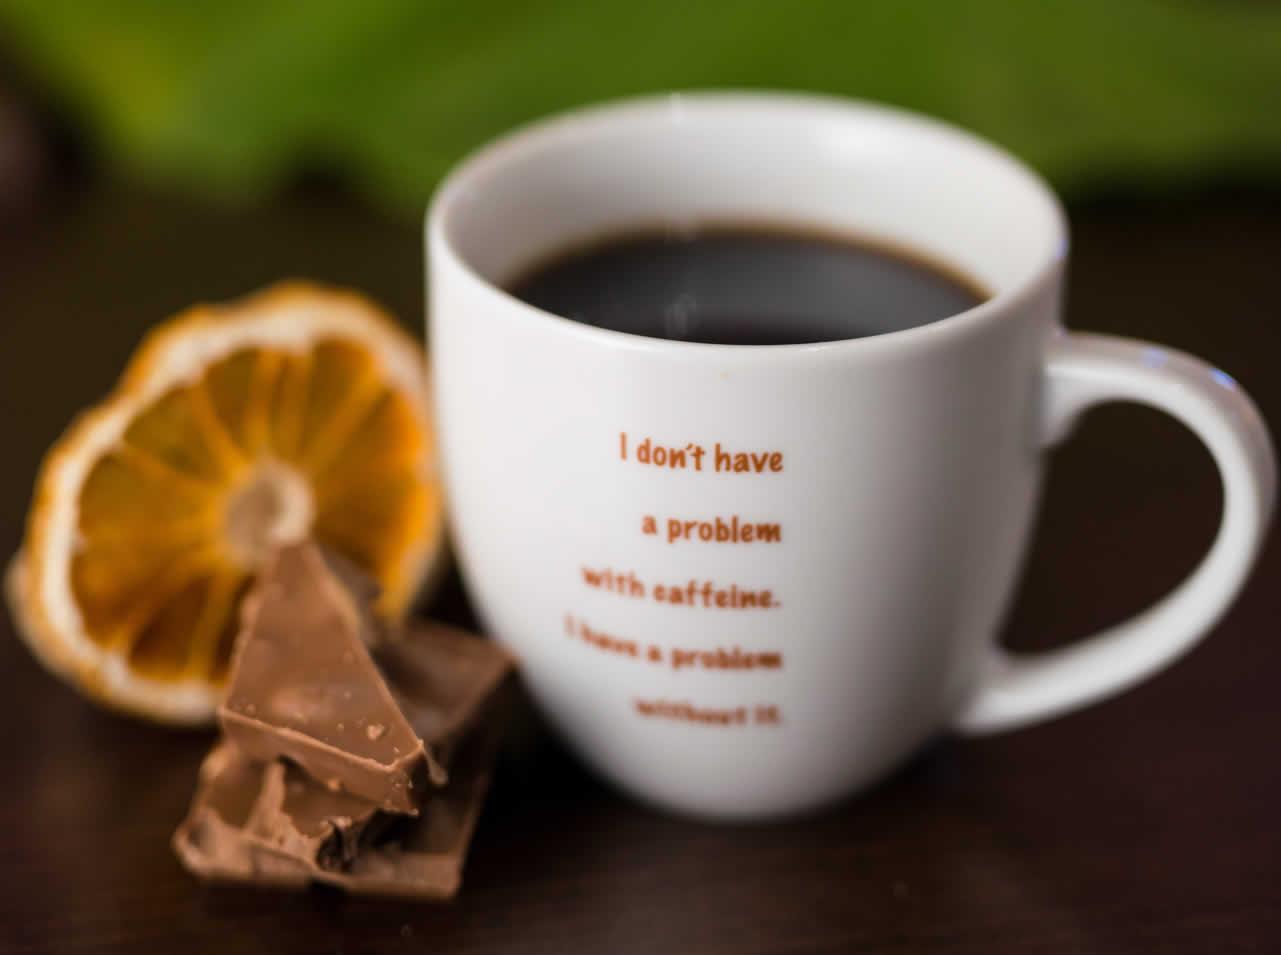 Αρωματικός καφές φίλτρου Σοκολάτα-Πορτοκάλι!